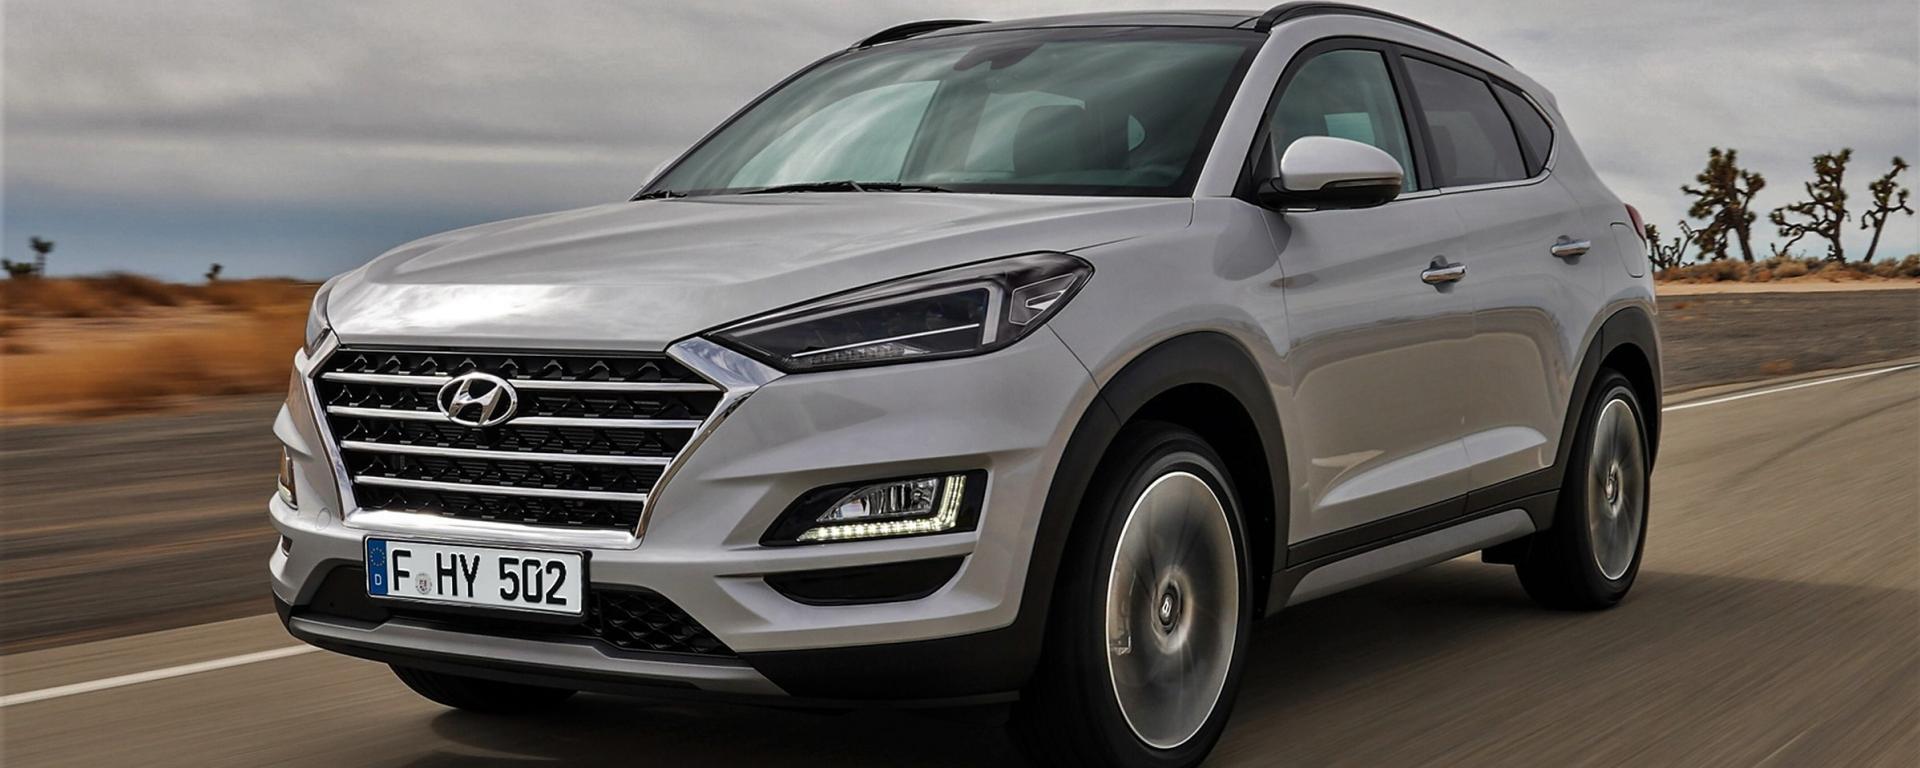 Nuovo Hyundai Tucson tuo a 17.300€